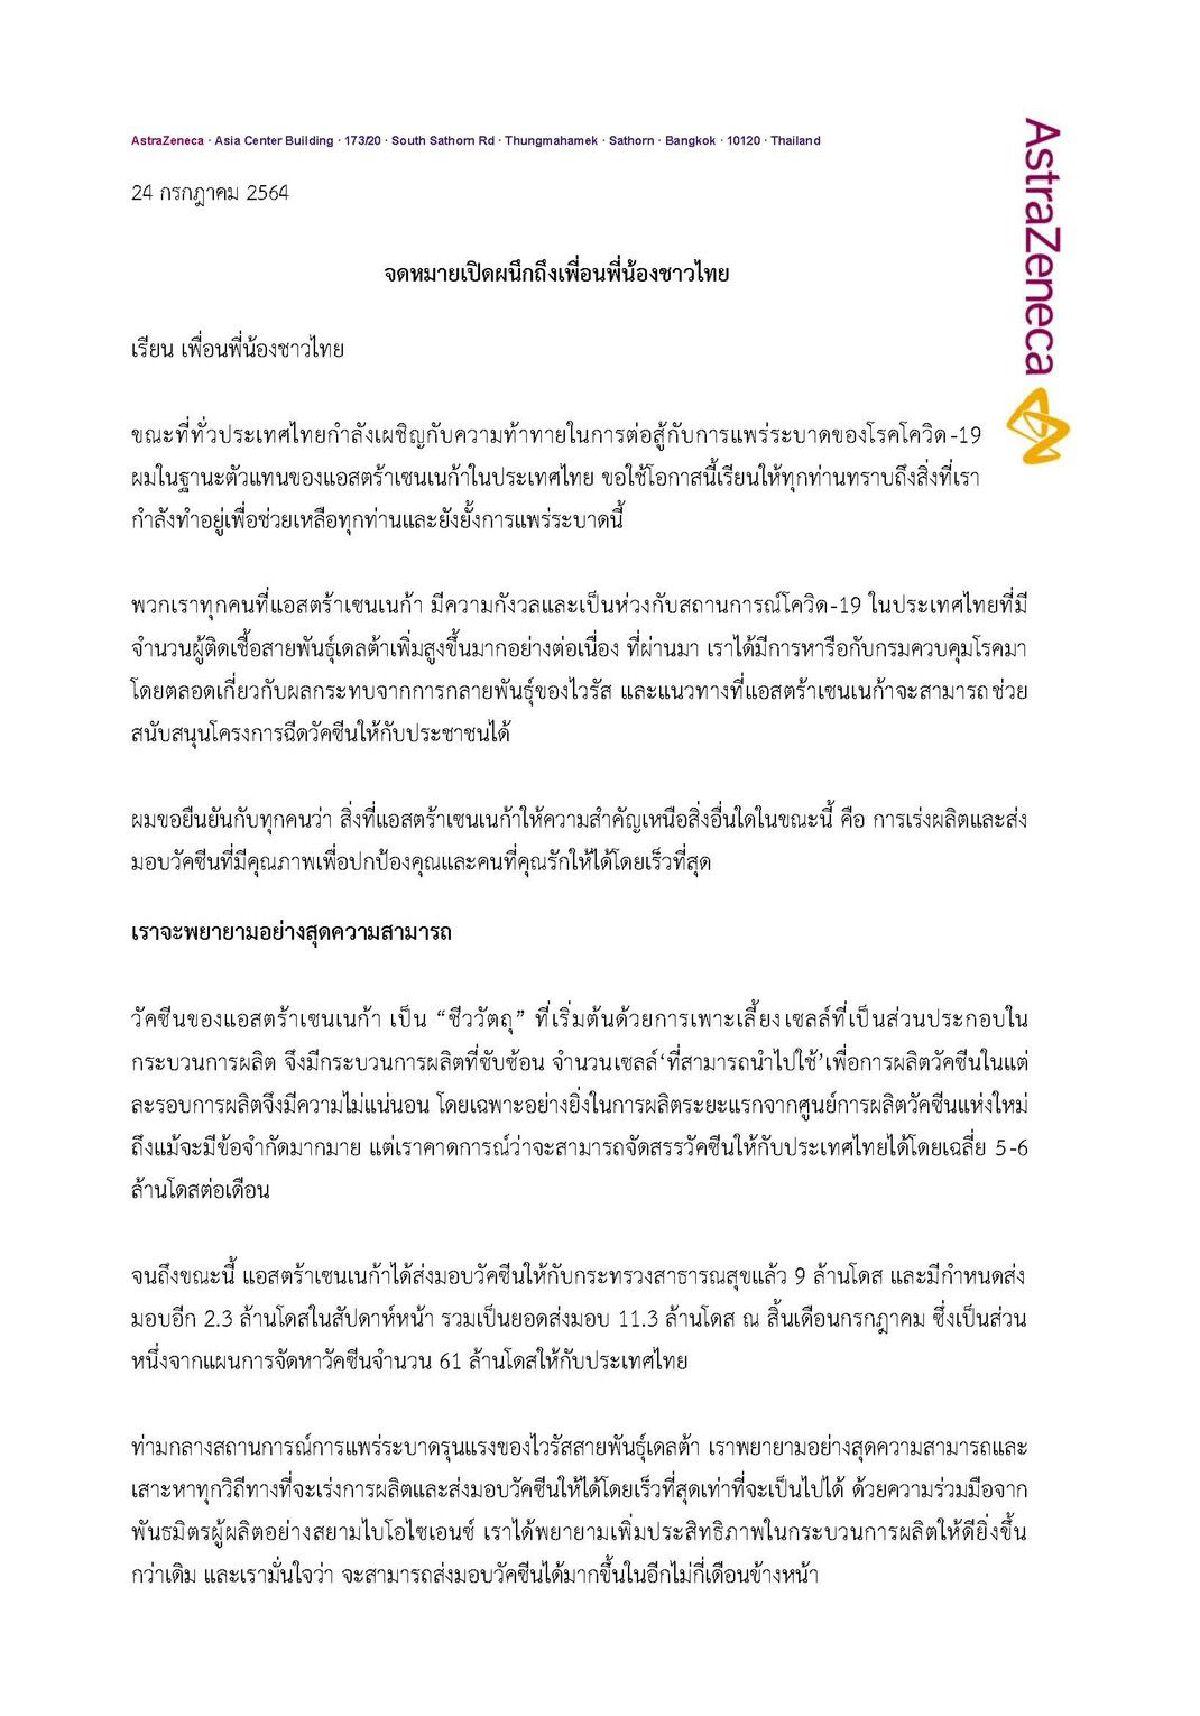 แอสตร้าฯ ส่งจม.เปิดผนึกถึงคนไทยคาดจัดส่งได้ 5-6 ล้านโดสต่อเดือน